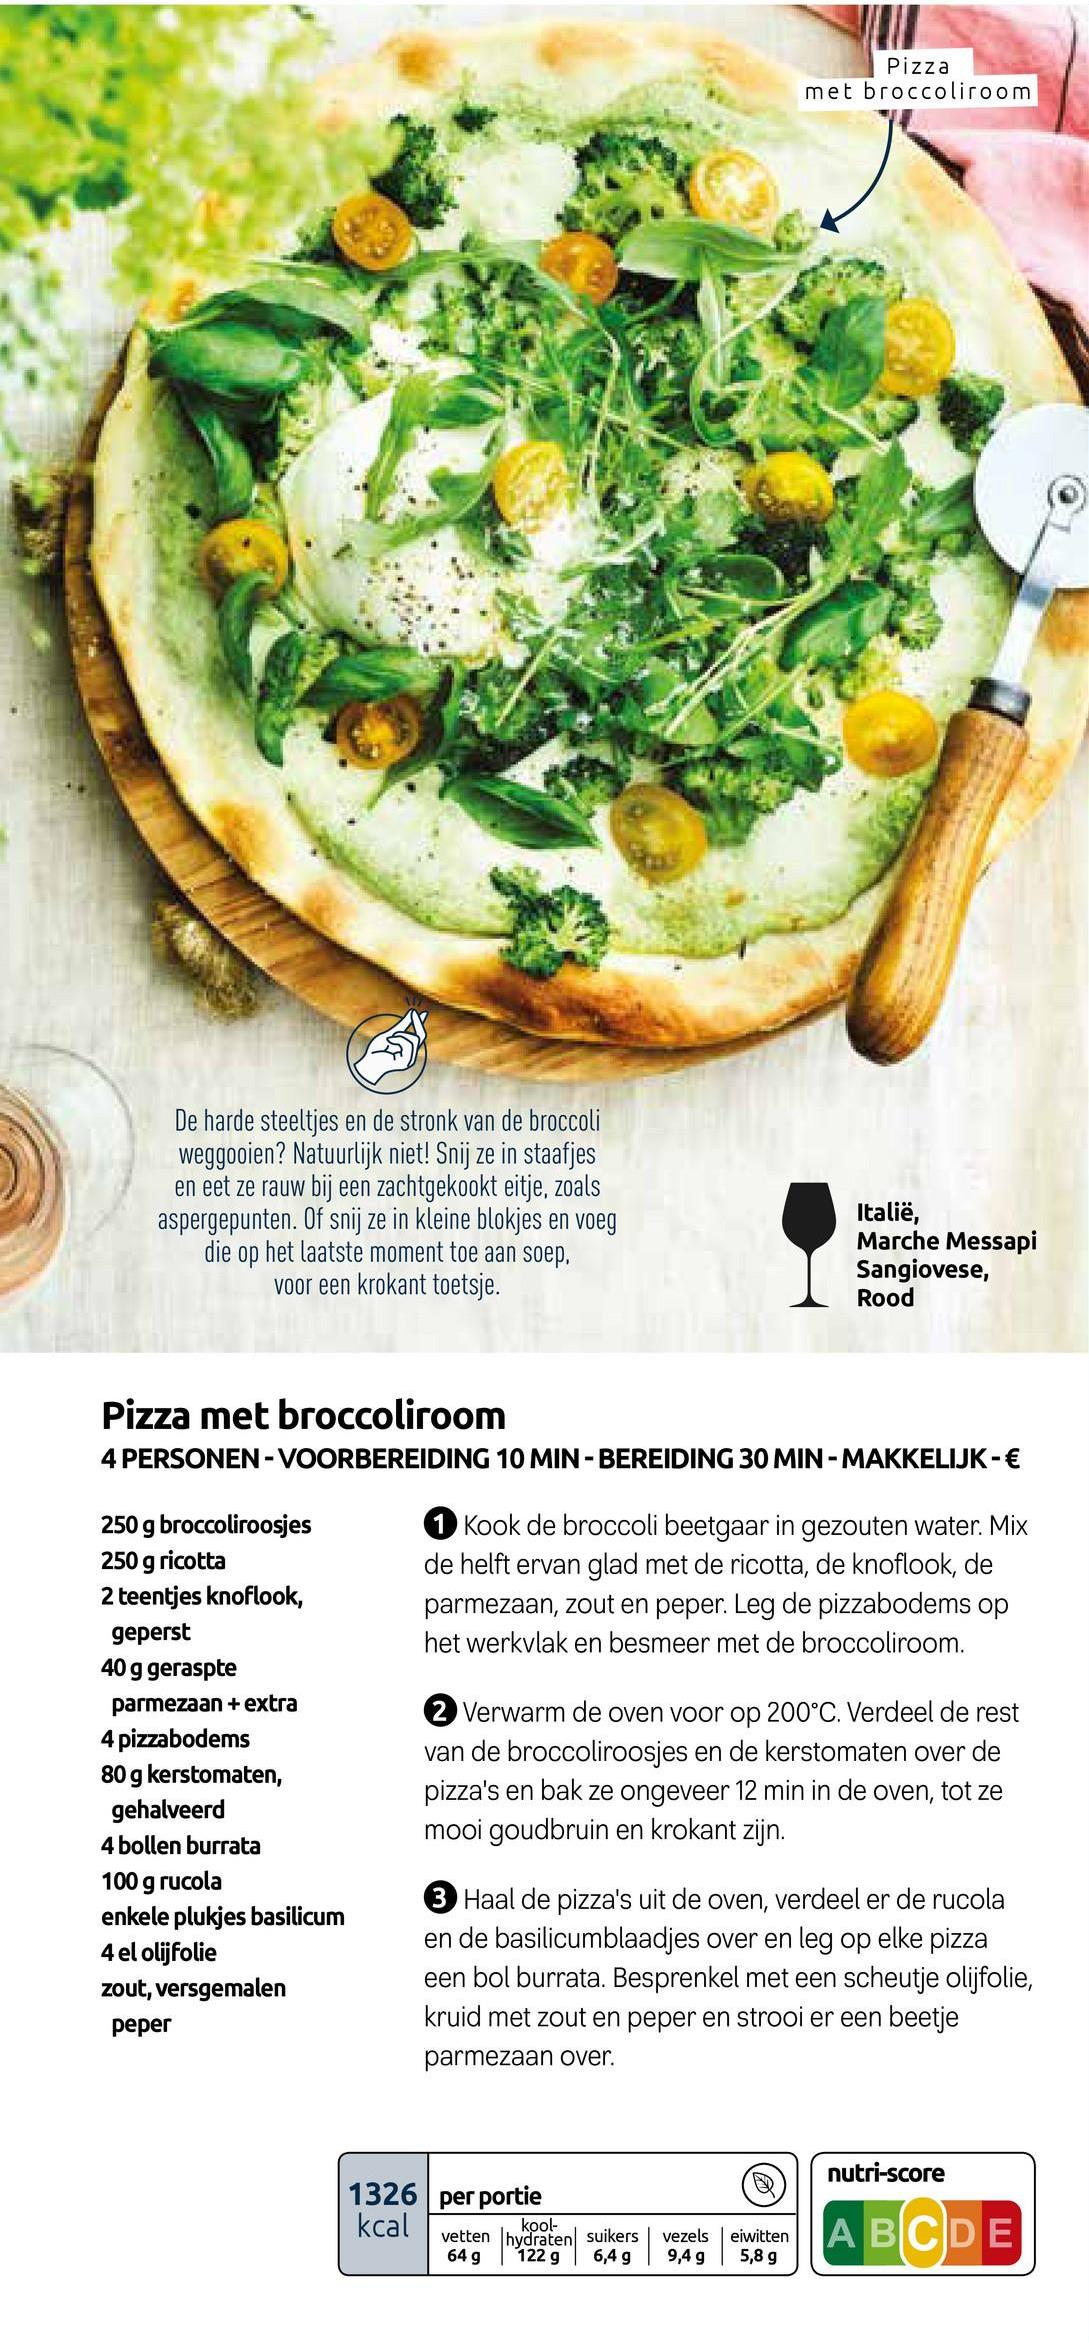 Pizza met broccoliroom De harde steeltjes en de stronk van de broccoli weggooien? Natuurlijk niet! Snij ze in staafjes en eet ze rauw bij een zachtgekookt eitje, zoals aspergepunten. Of snij ze in kleine blokjes en voeg die op het laatste moment toe aan soep, voor een krokant toetsje. Italië, Marche Messapi Sangiovese, Rood Pizza met broccoliroom 4 PERSONEN -VOORBEREIDING 10 MIN-BEREIDING 30 MIN-MAKKELIJK - € 1 Kook de broccoli beetgaar in gezouten water. Mix de helft ervan glad met de ricotta, de knoflook, de parmezaan, zout en peper. Leg de pizzabodems op het werkvlak en besmeer met de broccoliroom. 250 g broccoliroosjes 250 g ricotta 2 teentjes knoflook, geperst 40 g geraspte parmezaan + extra 4 pizzabodems 80 g kerstomaten, gehalveerd 4 bollen burrata 100 g rucola enkele plukjes basilicum 4 el olijfolie zout, versgemalen peper 2 Verwarm de oven voor op 200°C. Verdeel de rest van de broccoliroosjes en de kerstomaten over de pizza's en bak ze ongeveer 12 min in de oven, tot ze mooi goudbruin en krokant zijn. 3 Haal de pizza's uit de oven, verdeel er de rucola en de basilicumblaadjes over en leg op elke pizza een bol burrata. Besprenkel met een scheutje olijfolie, kruid met zout en peper en strooi er een beetje parmezaan over. nutri-score 1326 per portie kcal vetten lhydraten vetten in kool 649 122 g suikers suiker 6,4 g vezels 9,4 g eiwitten 5,8 g